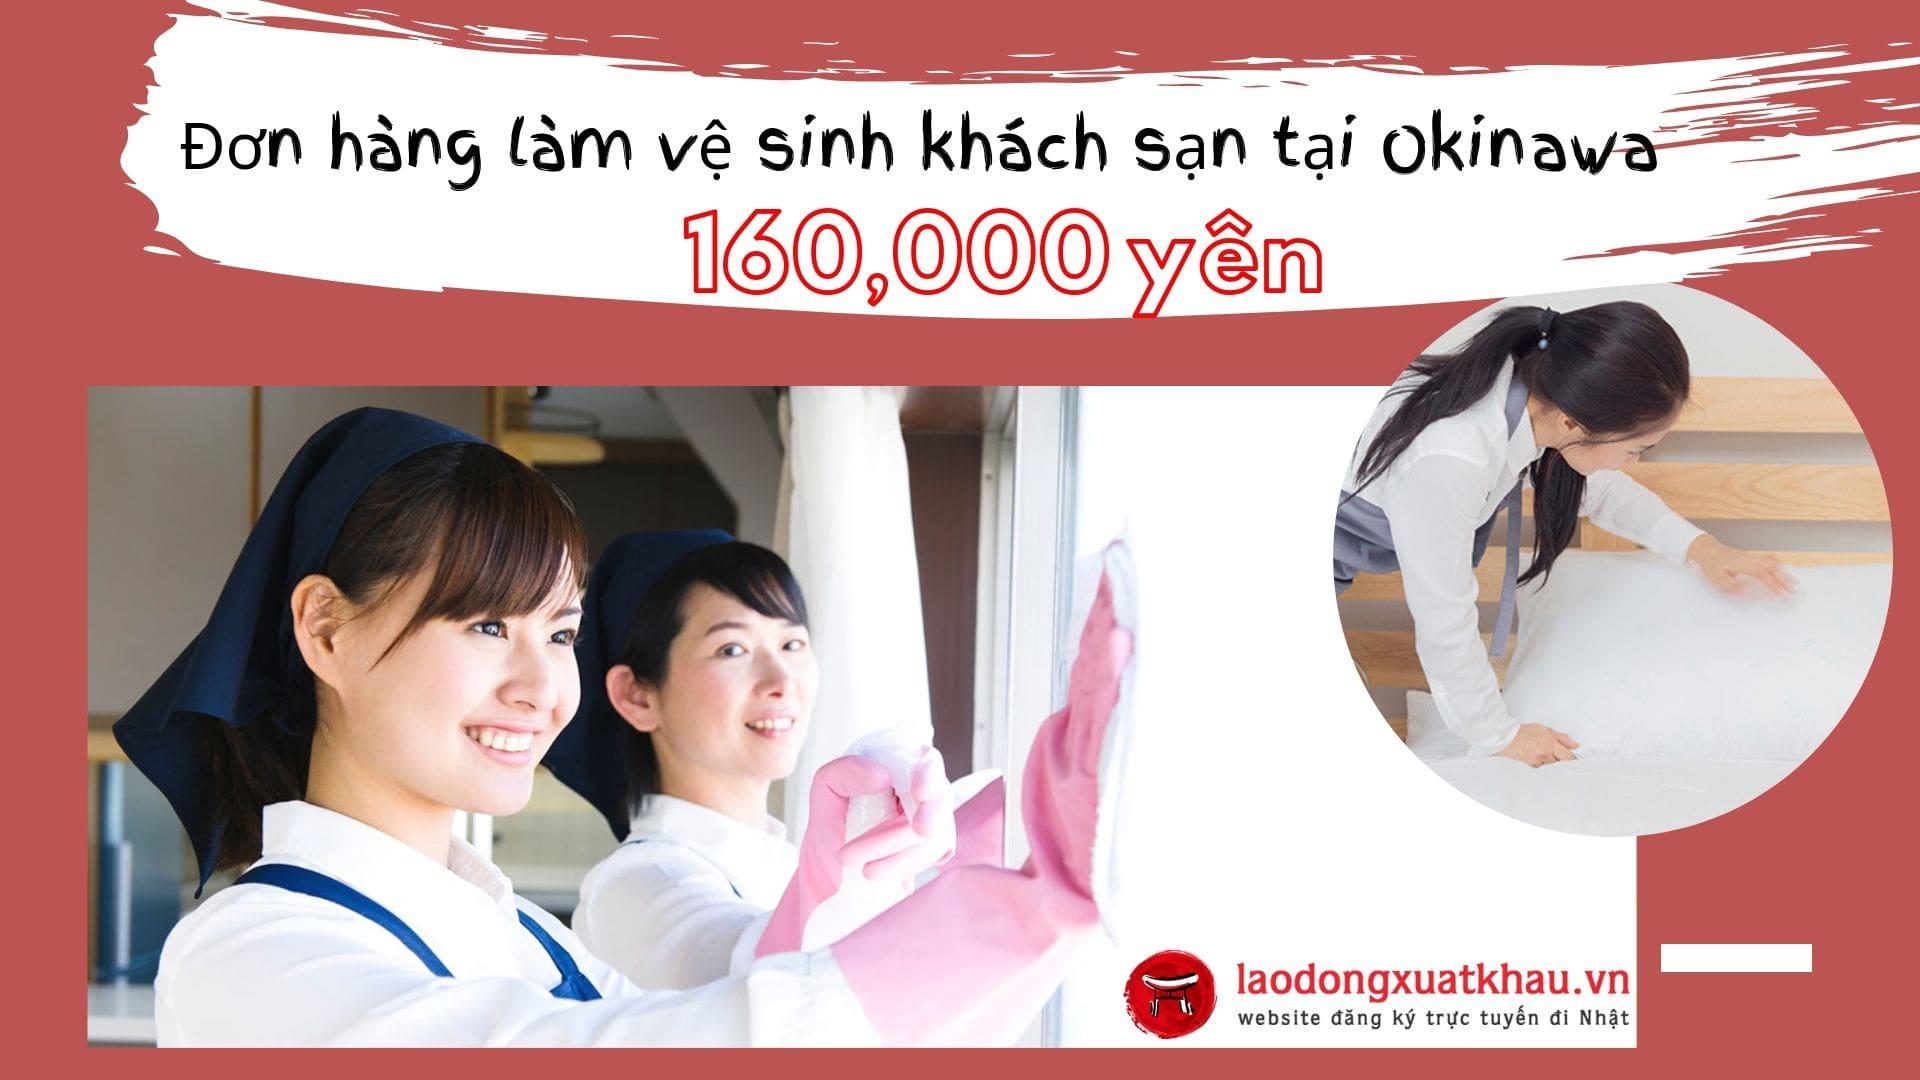 Đơn hàng làm vệ sinh khách sạn LƯƠNG KHỦNG tại Okinawa, Nhật Bản